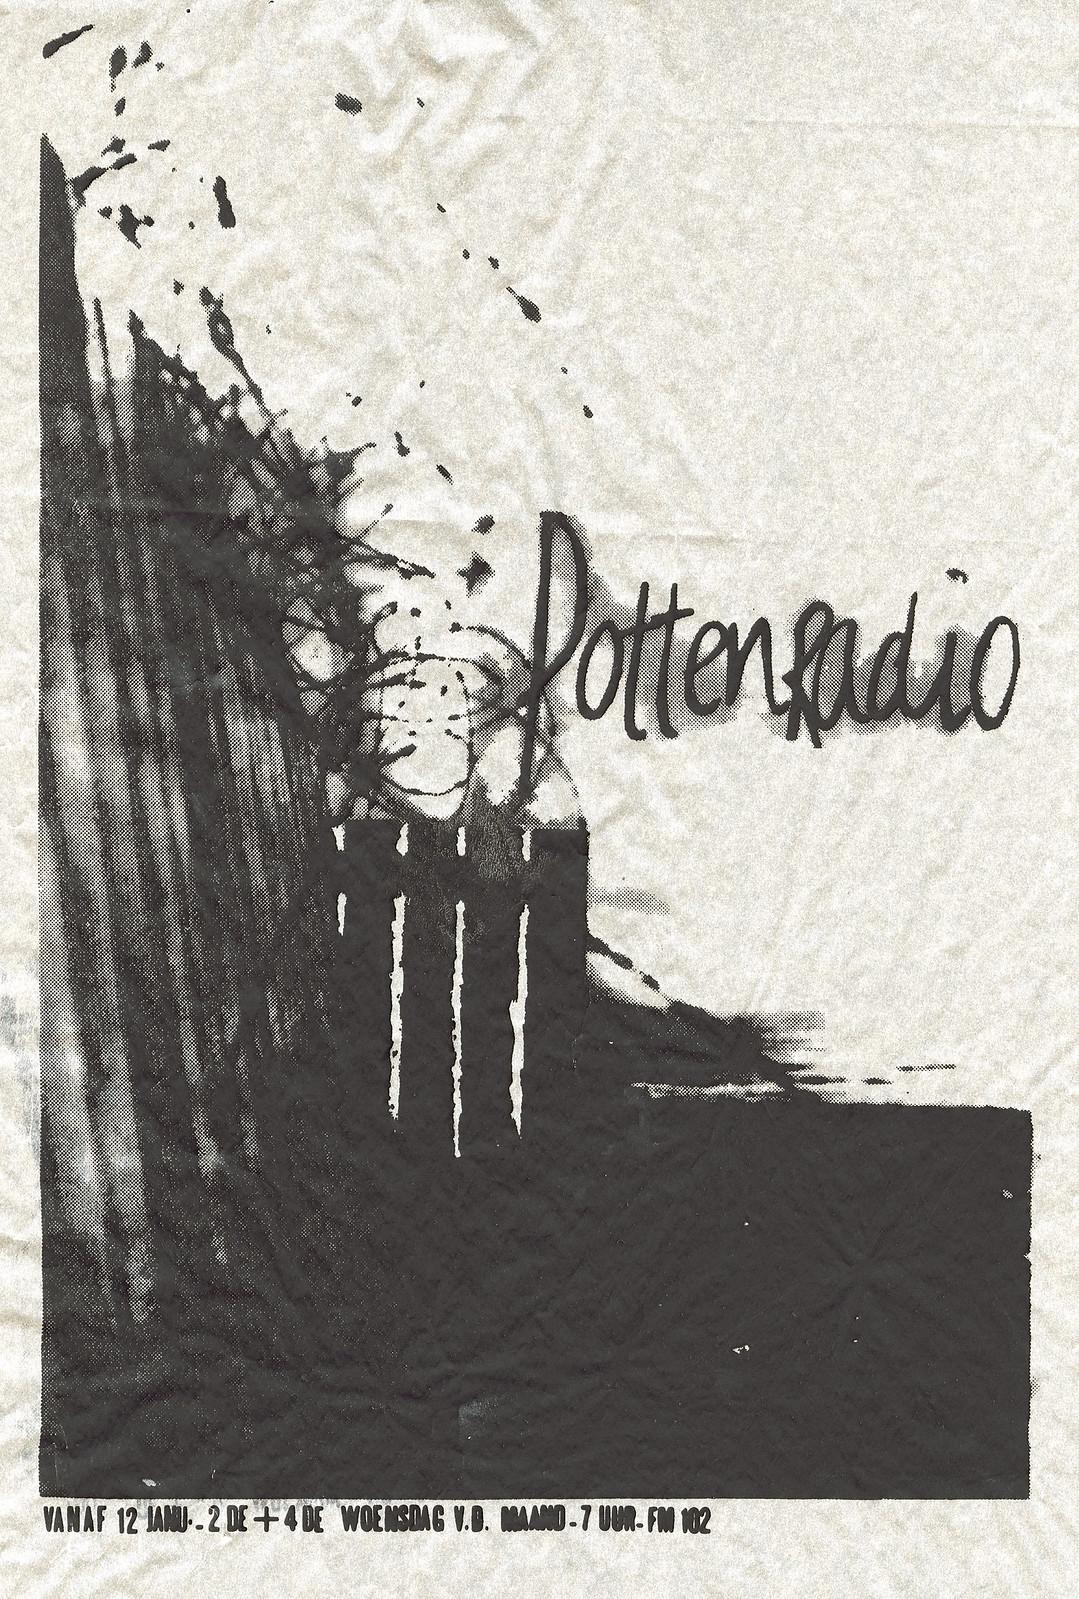 1985 Nijmeegse Pottenradio